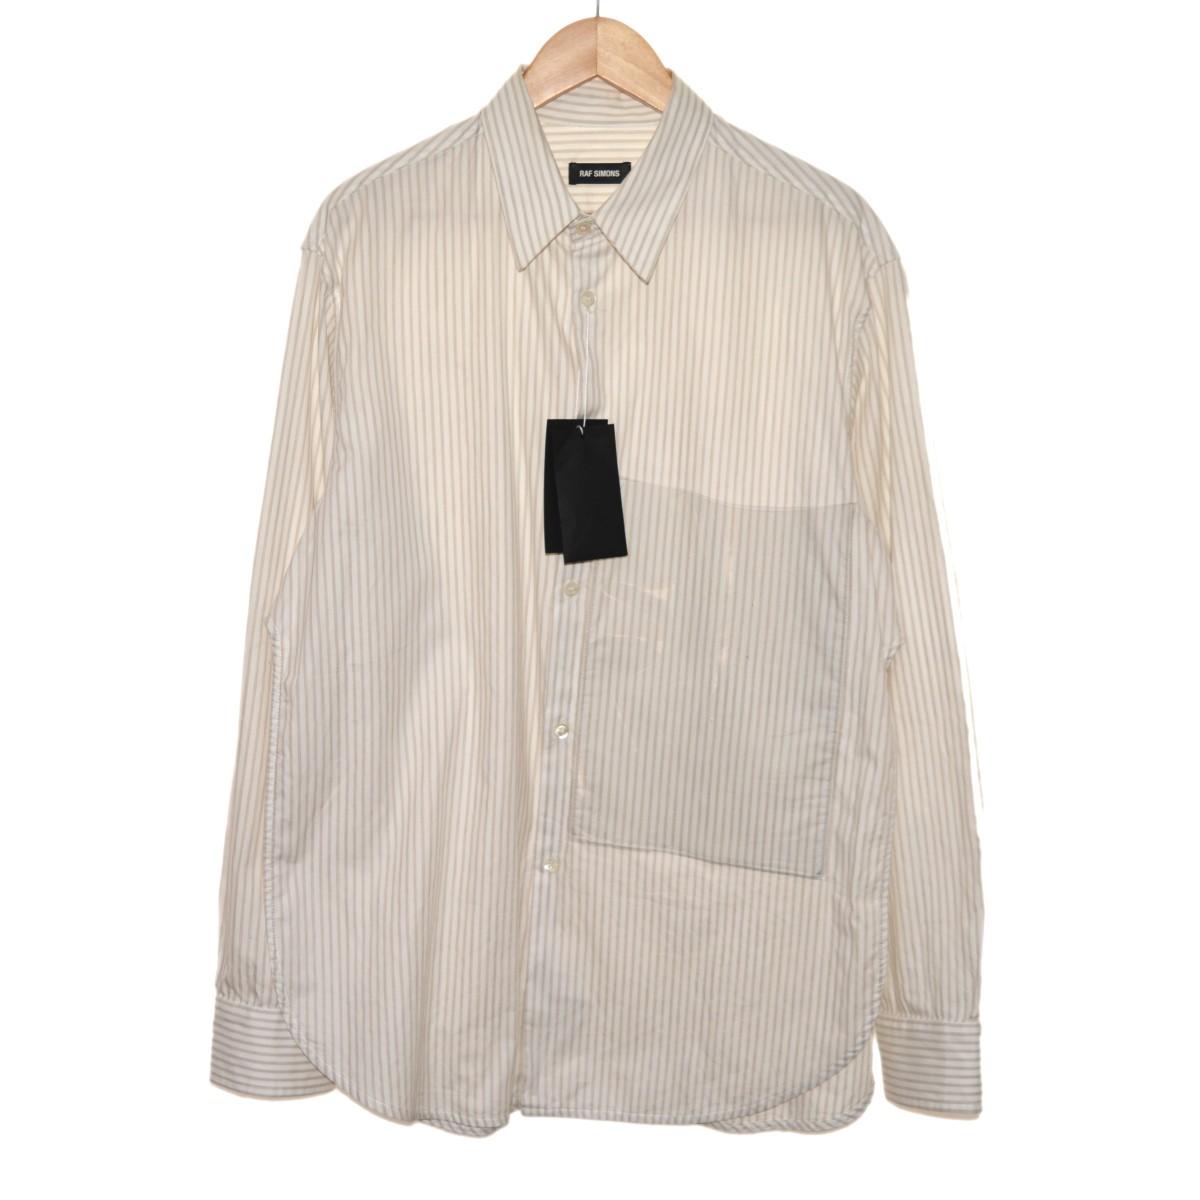 【中古】RAF SIMONS 18AW クリアパッチ付きストライプシャツ ホワイト×ベージュ サイズ:48 【140320】(ラフシモンズ)